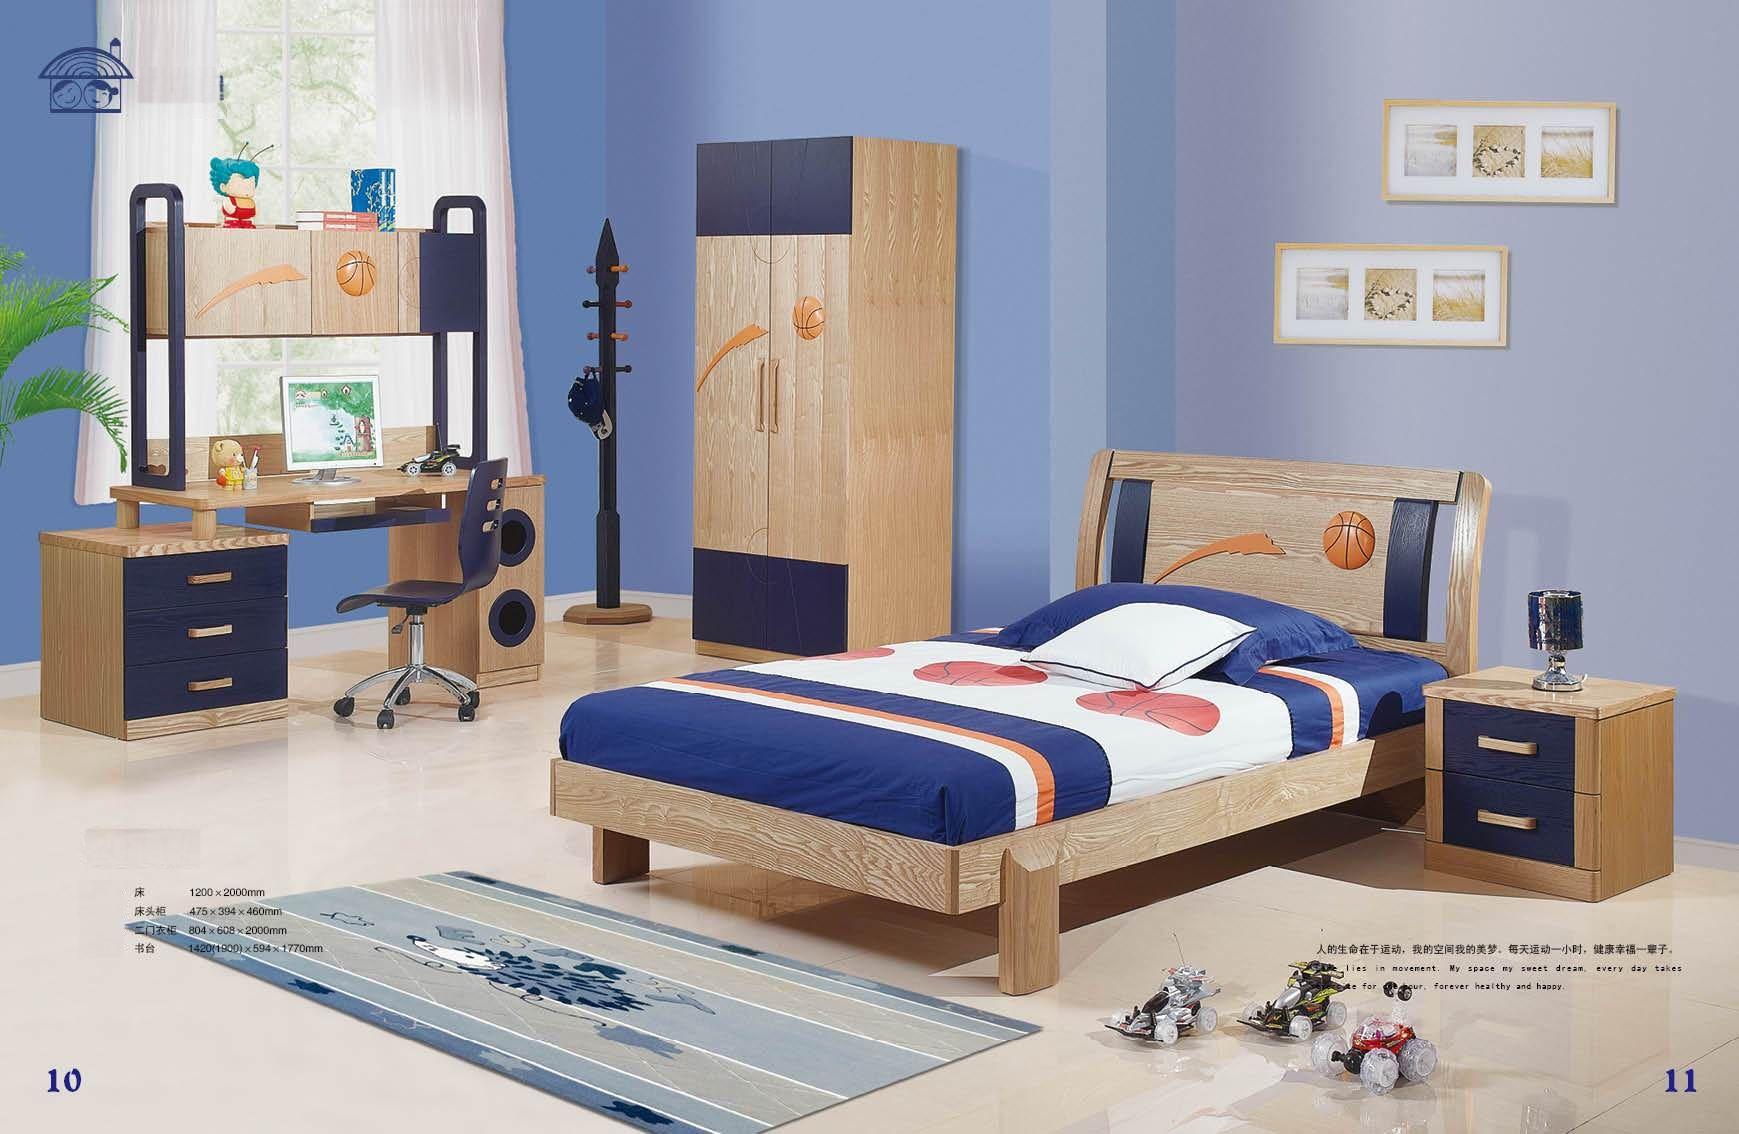 youth bedroom furniture | kids bedroom set (jkd-20120#) - china